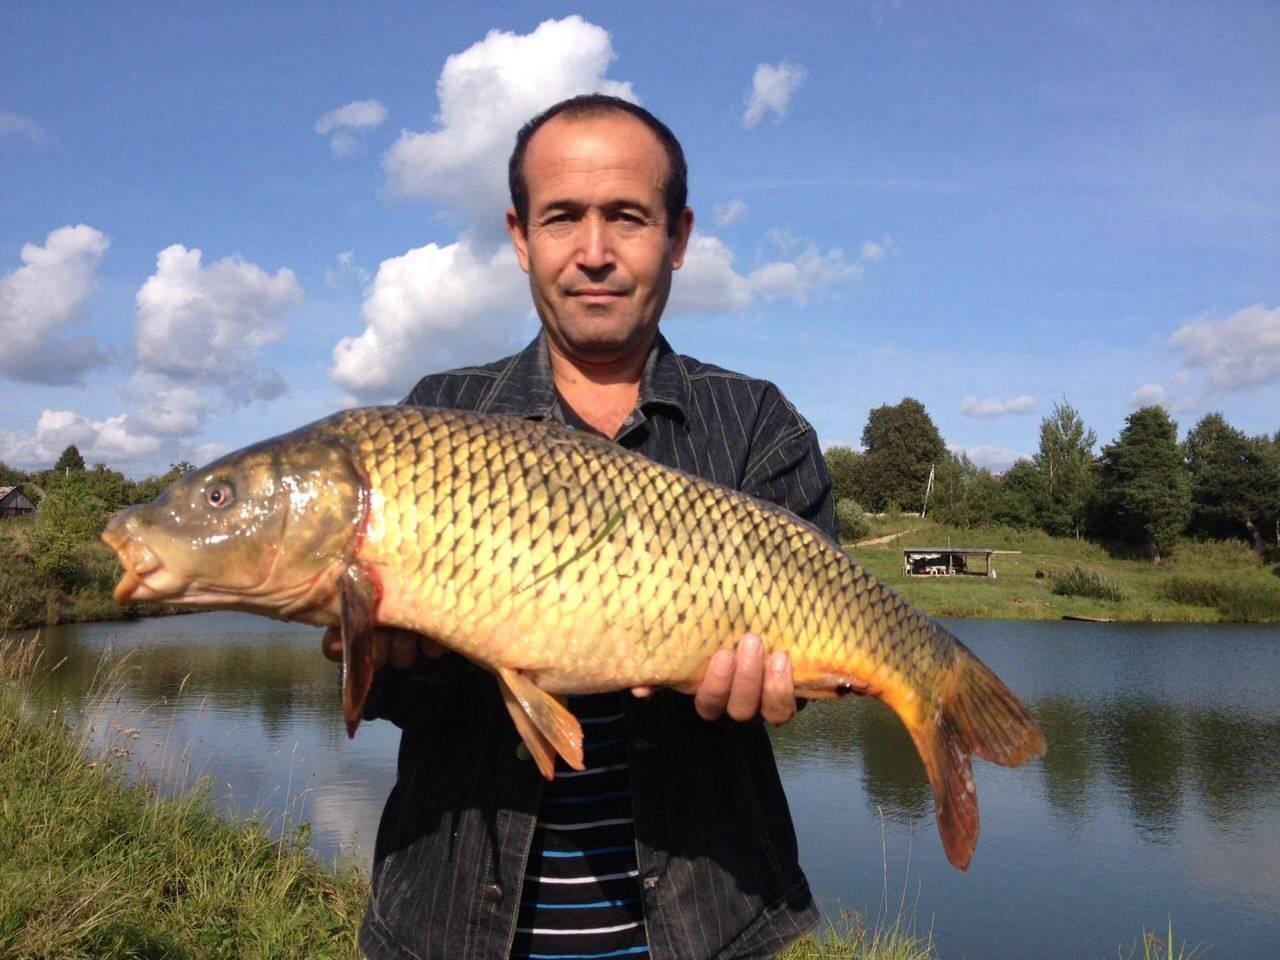 Рыбалка во владимирской области, лучшие места для ловли во владимире (бабуринское озеро, клязьма, нерль)